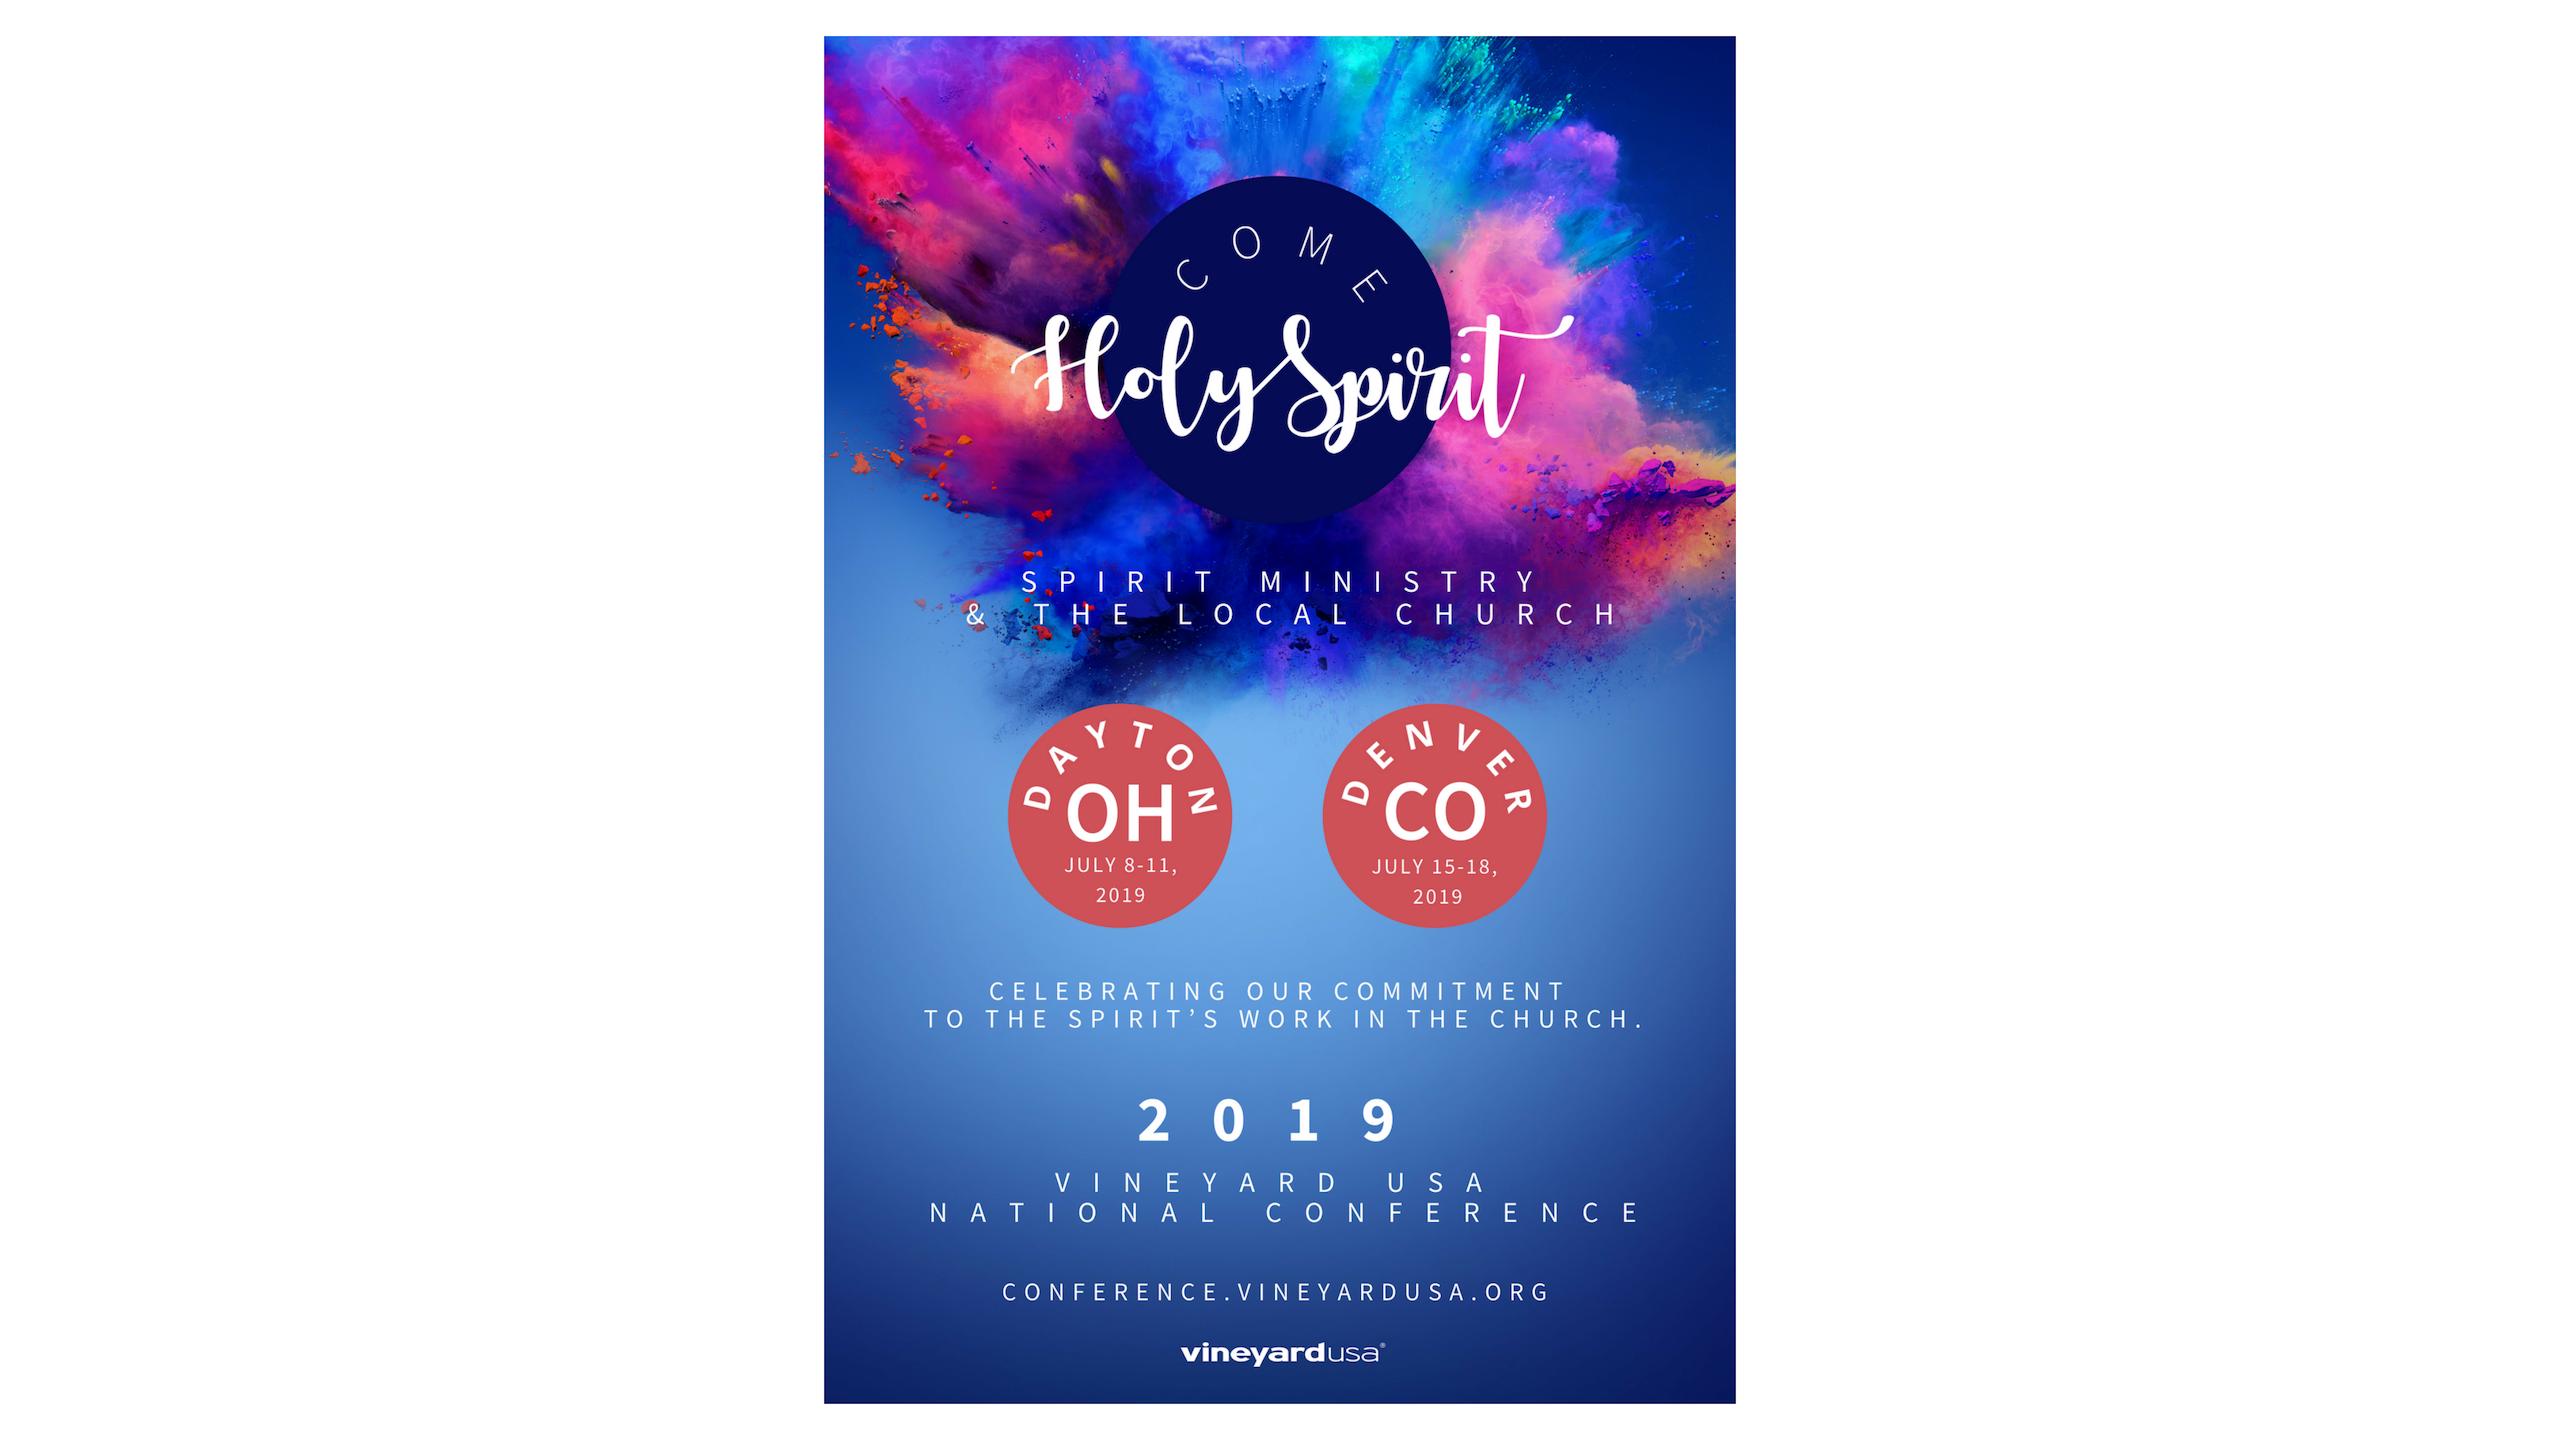 Pastor's National Conference 2019 Download - Vineyard